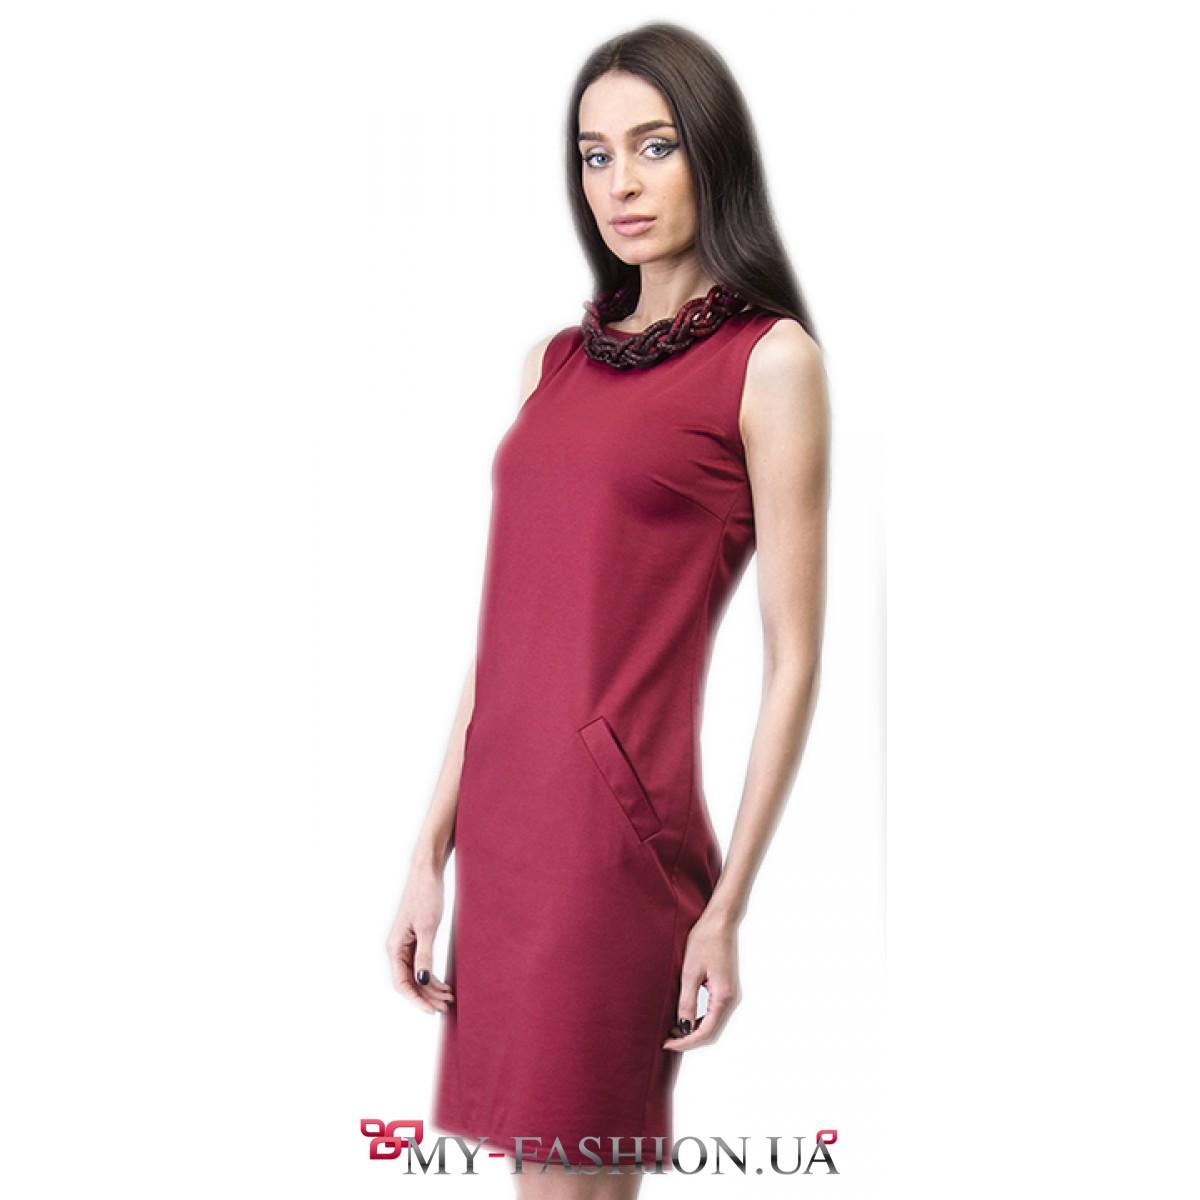 ac309b222d3 Бордовое короткое платье с карманами купить в интернет магазине в ...